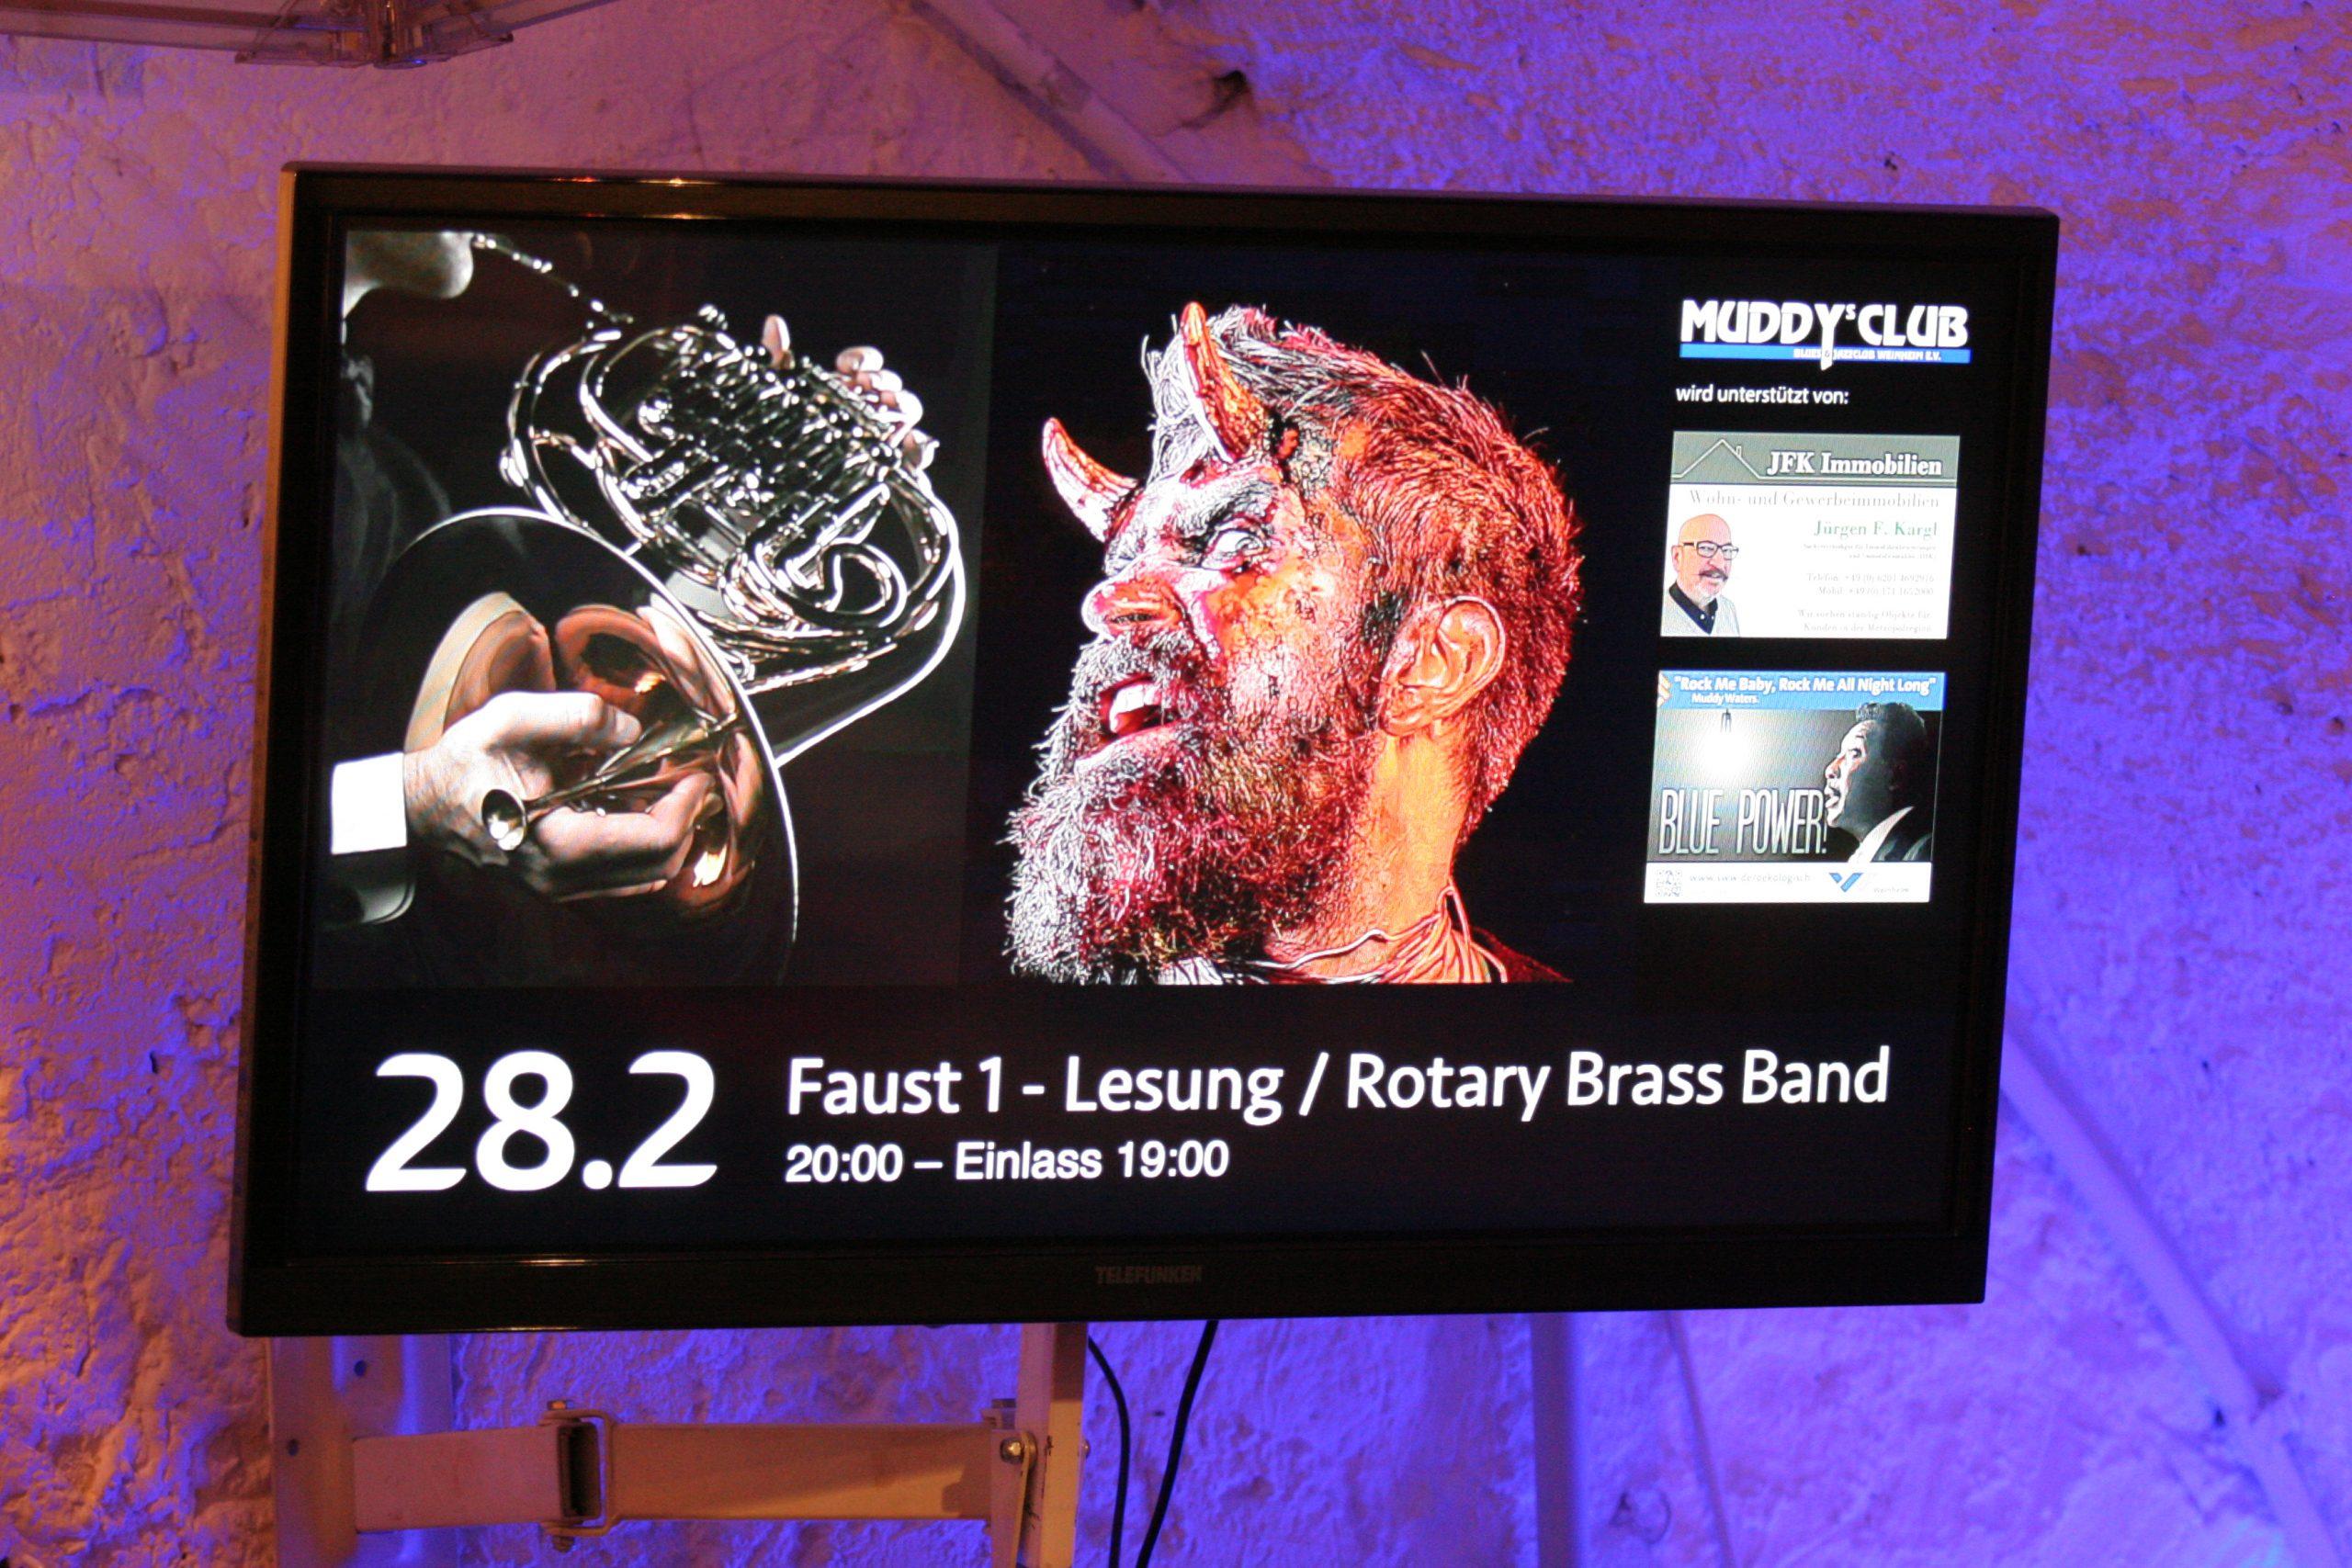 Bildschirm mit Anzeige des Veranstaltungsplakates von Rotary Brass